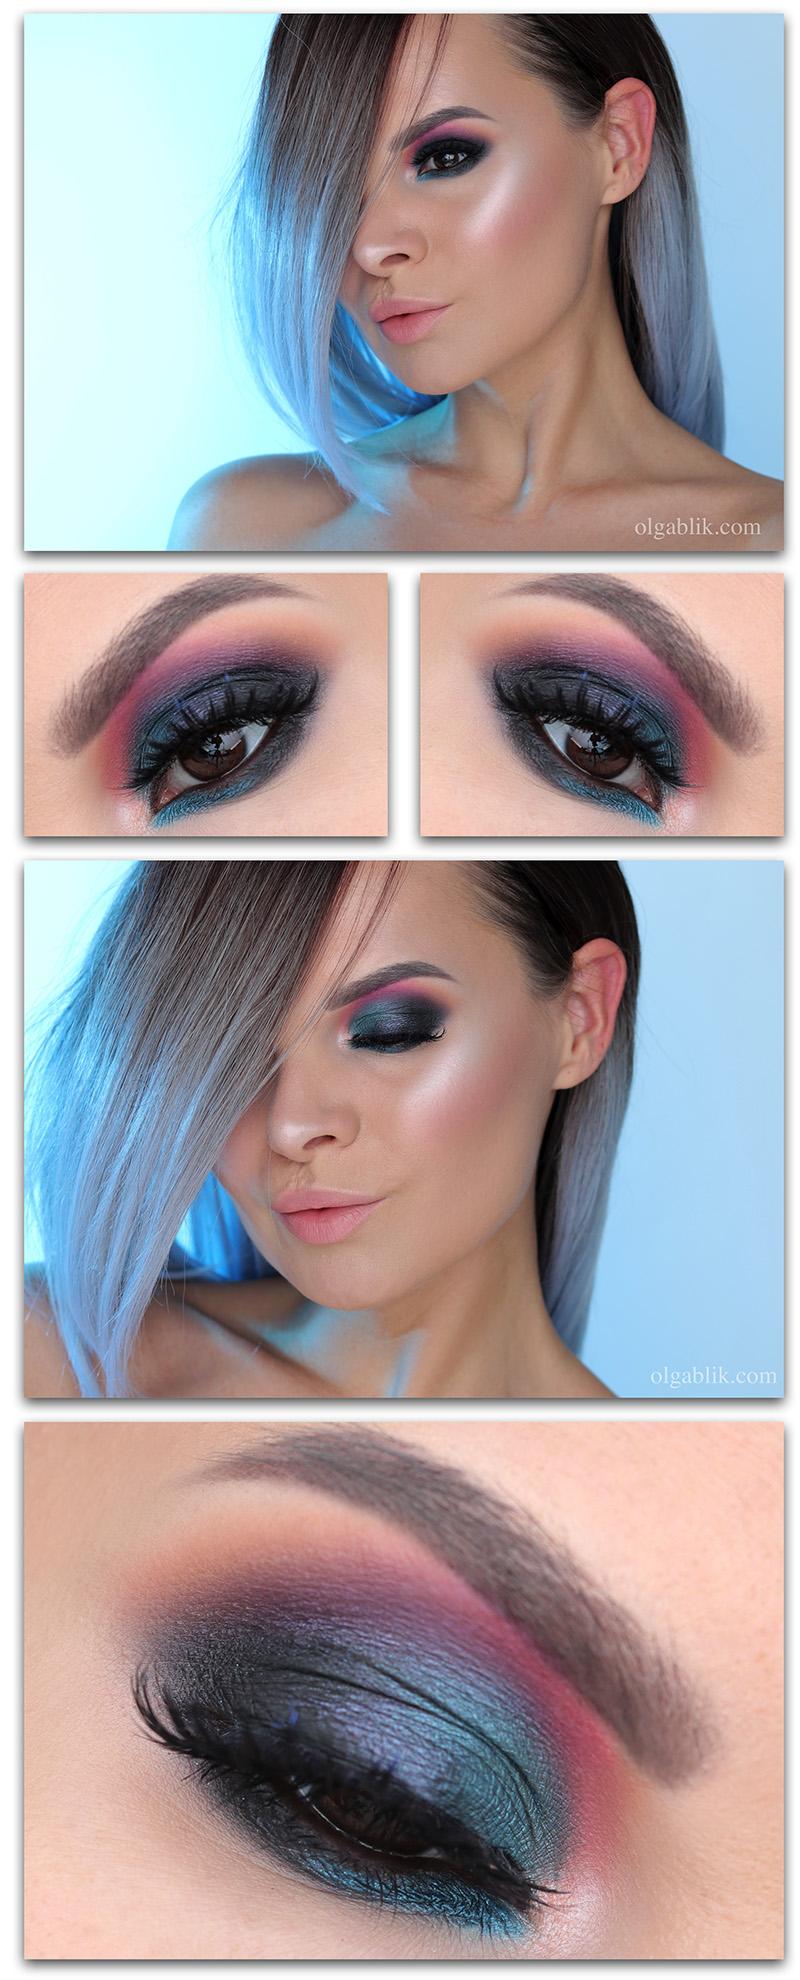 Jeffree Star Beauty Killer Eyeshadow Palette - отзывы, фото, свотчи